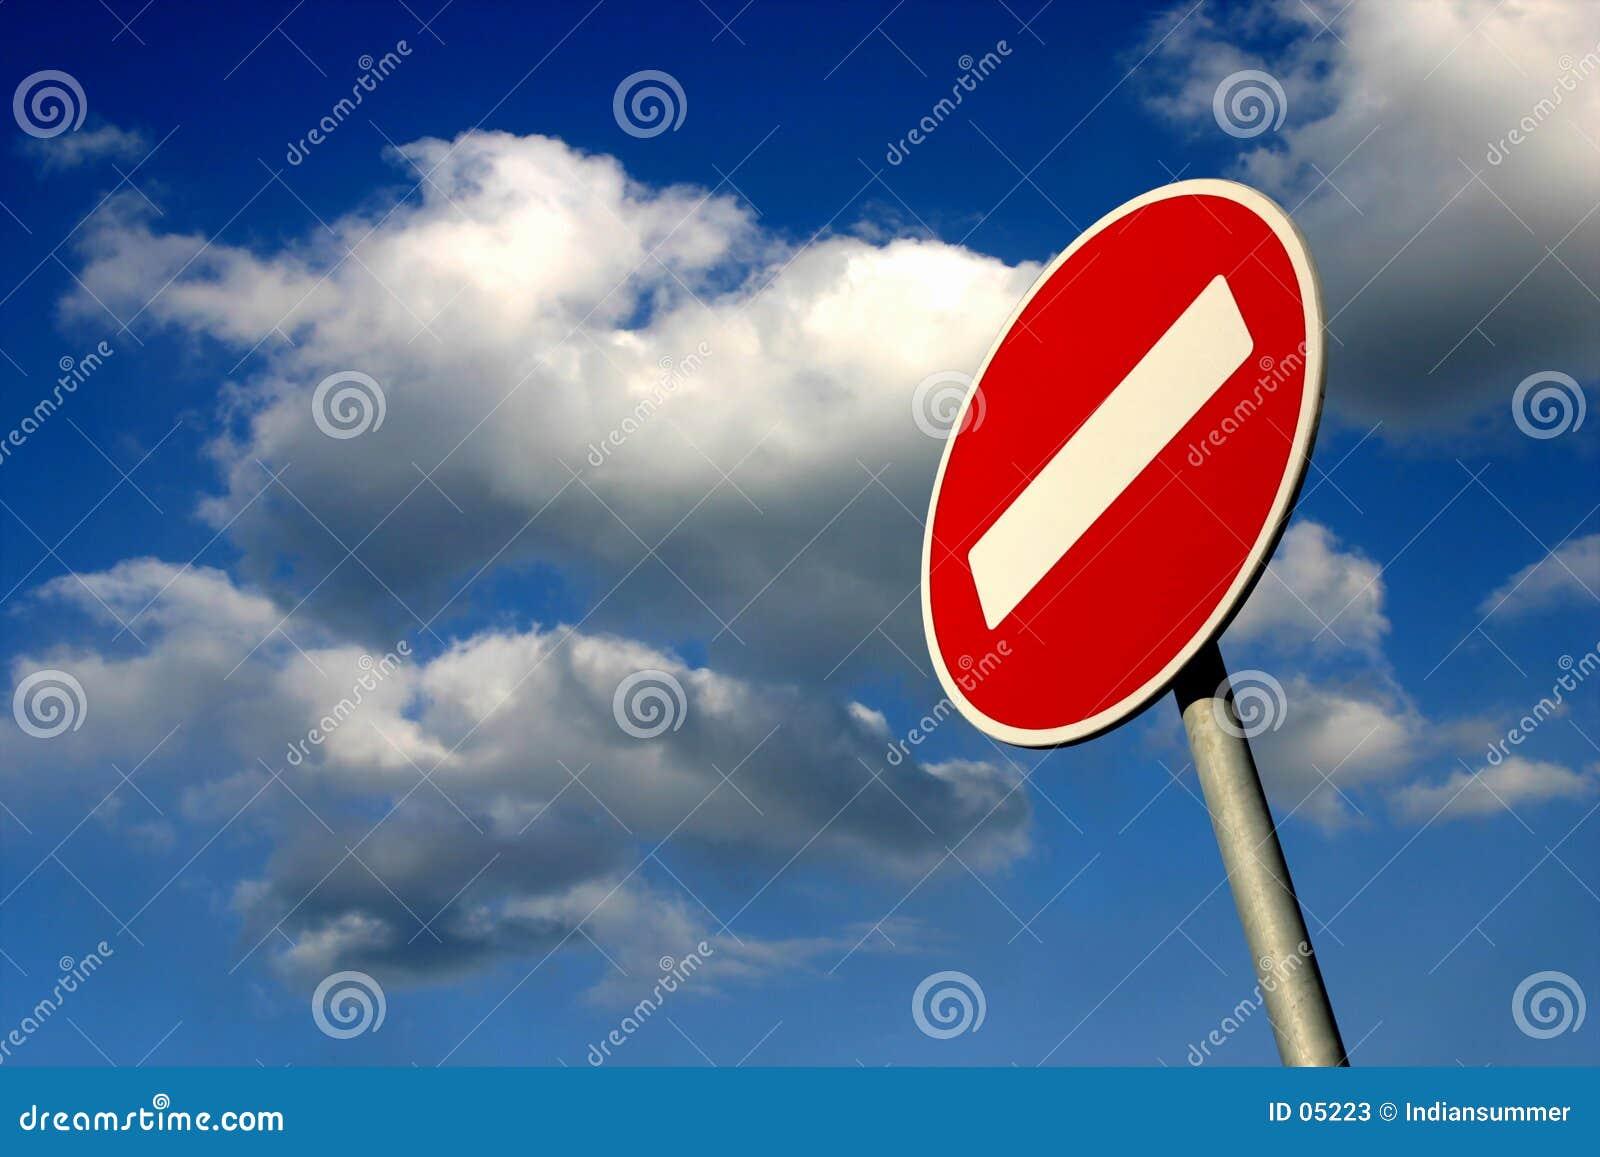 Traffico proibito